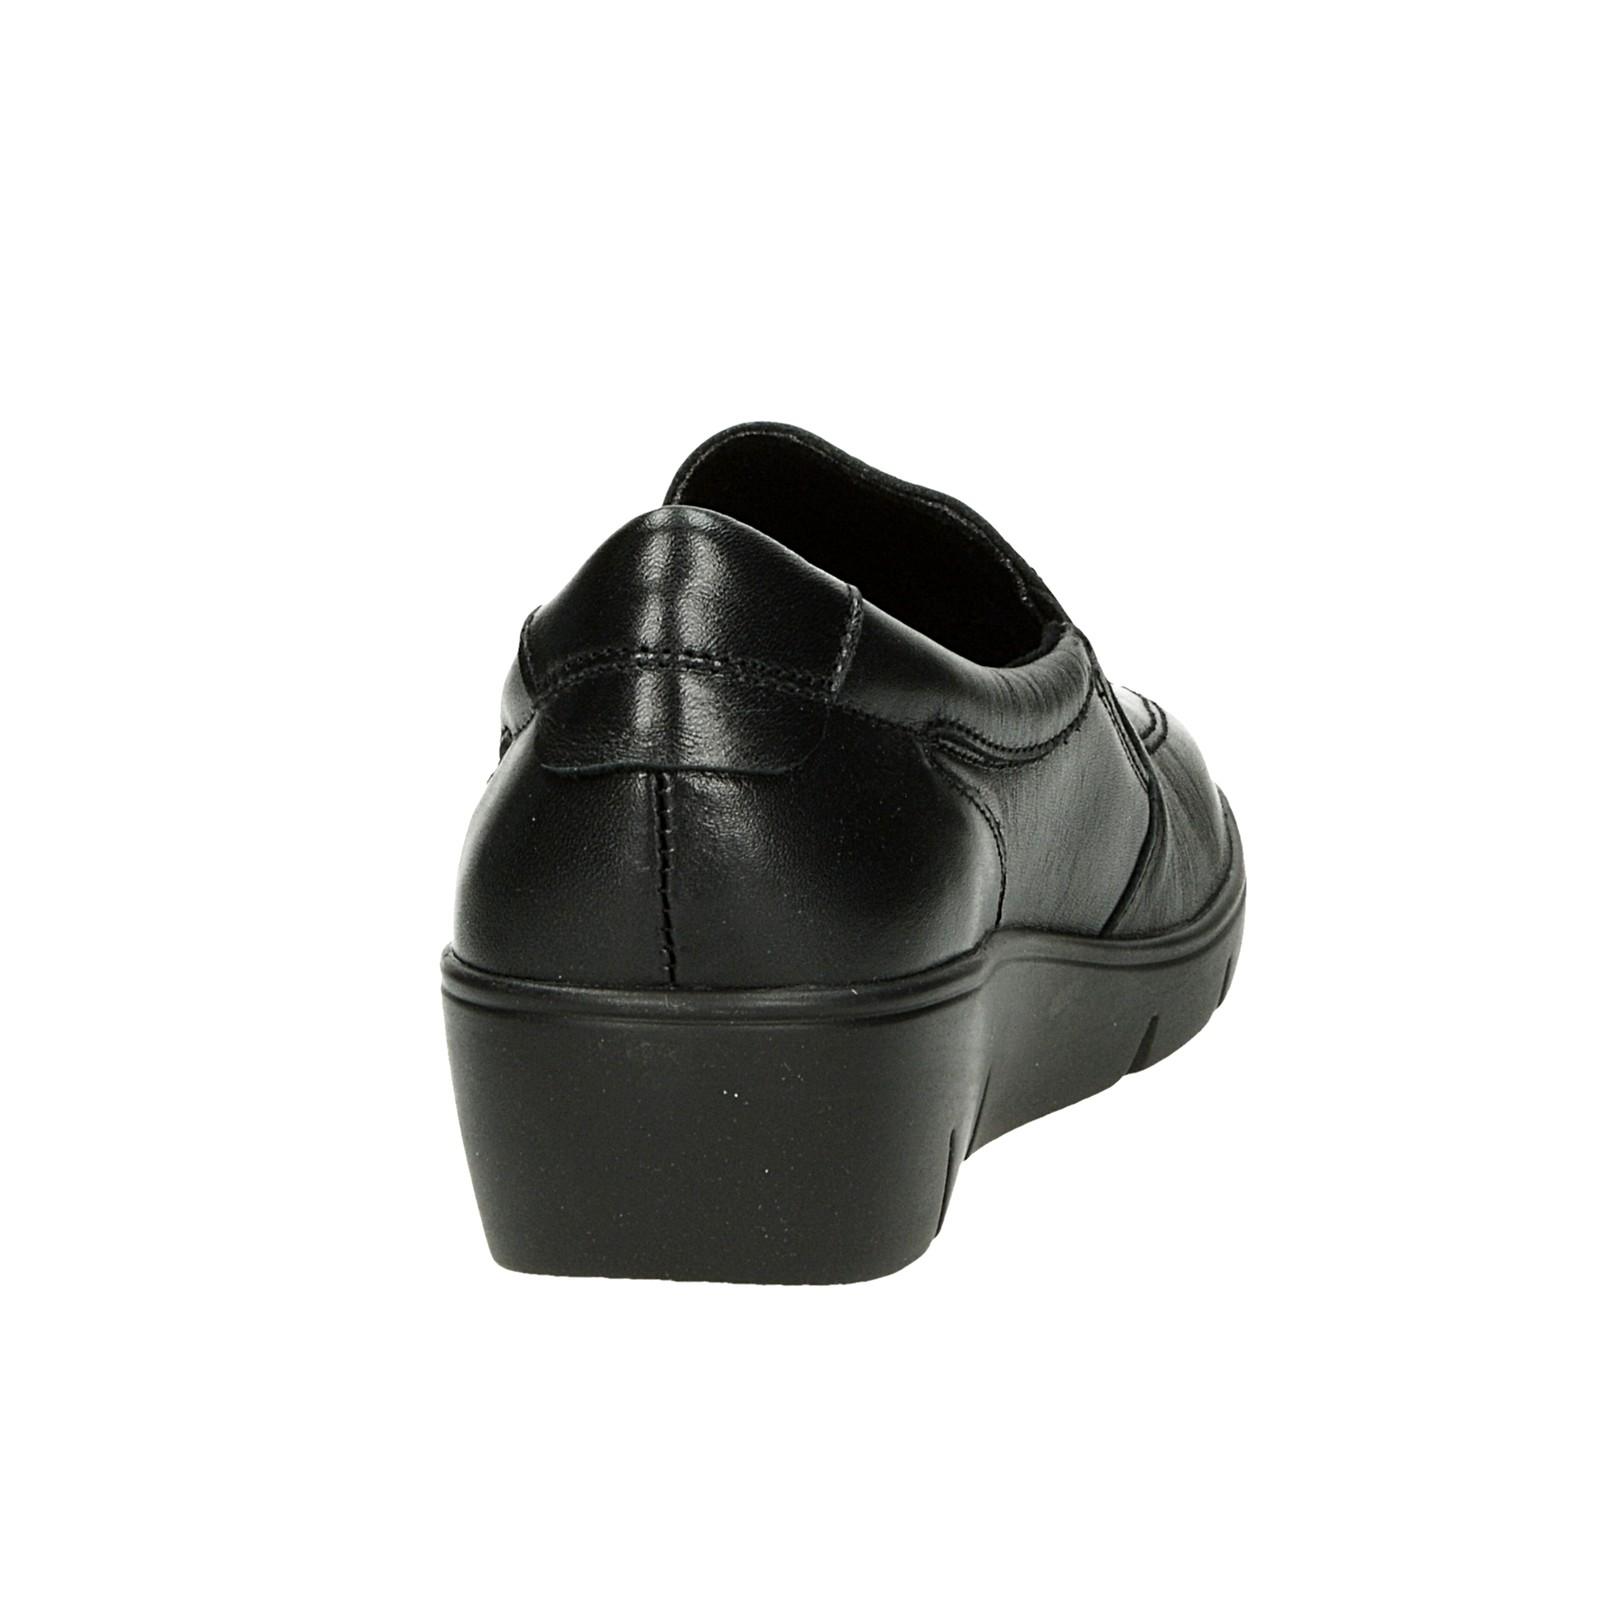 Robel dámske kožené zateplené poltopánky - čierne